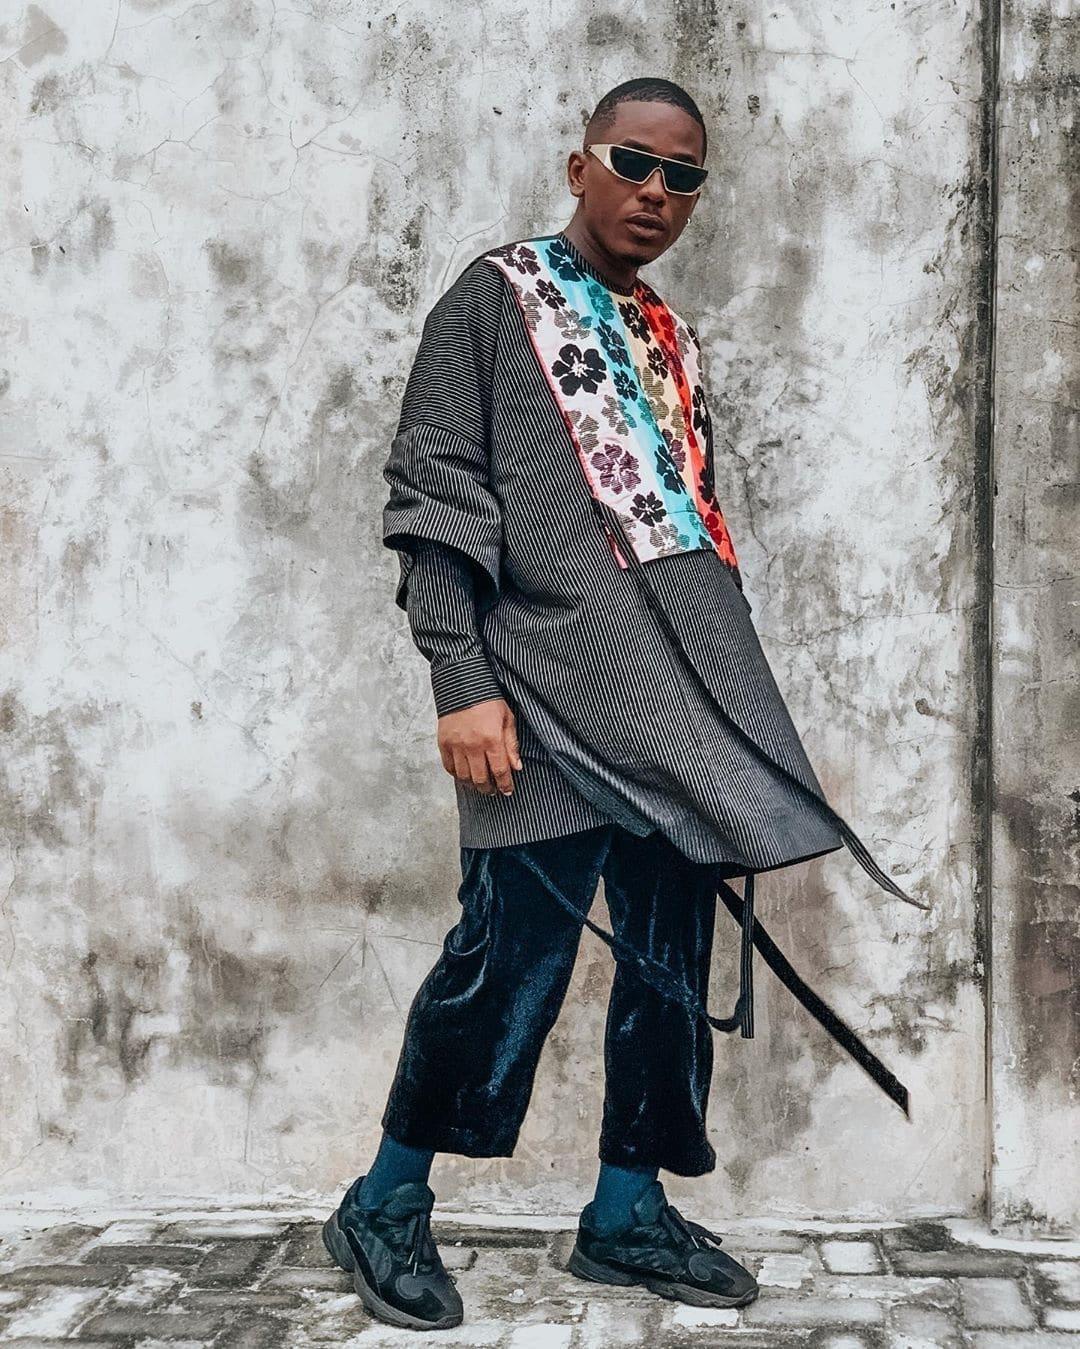 timini-egbuson-best-dressed-nigerian-men-dbanj-dapper-celebrity-style